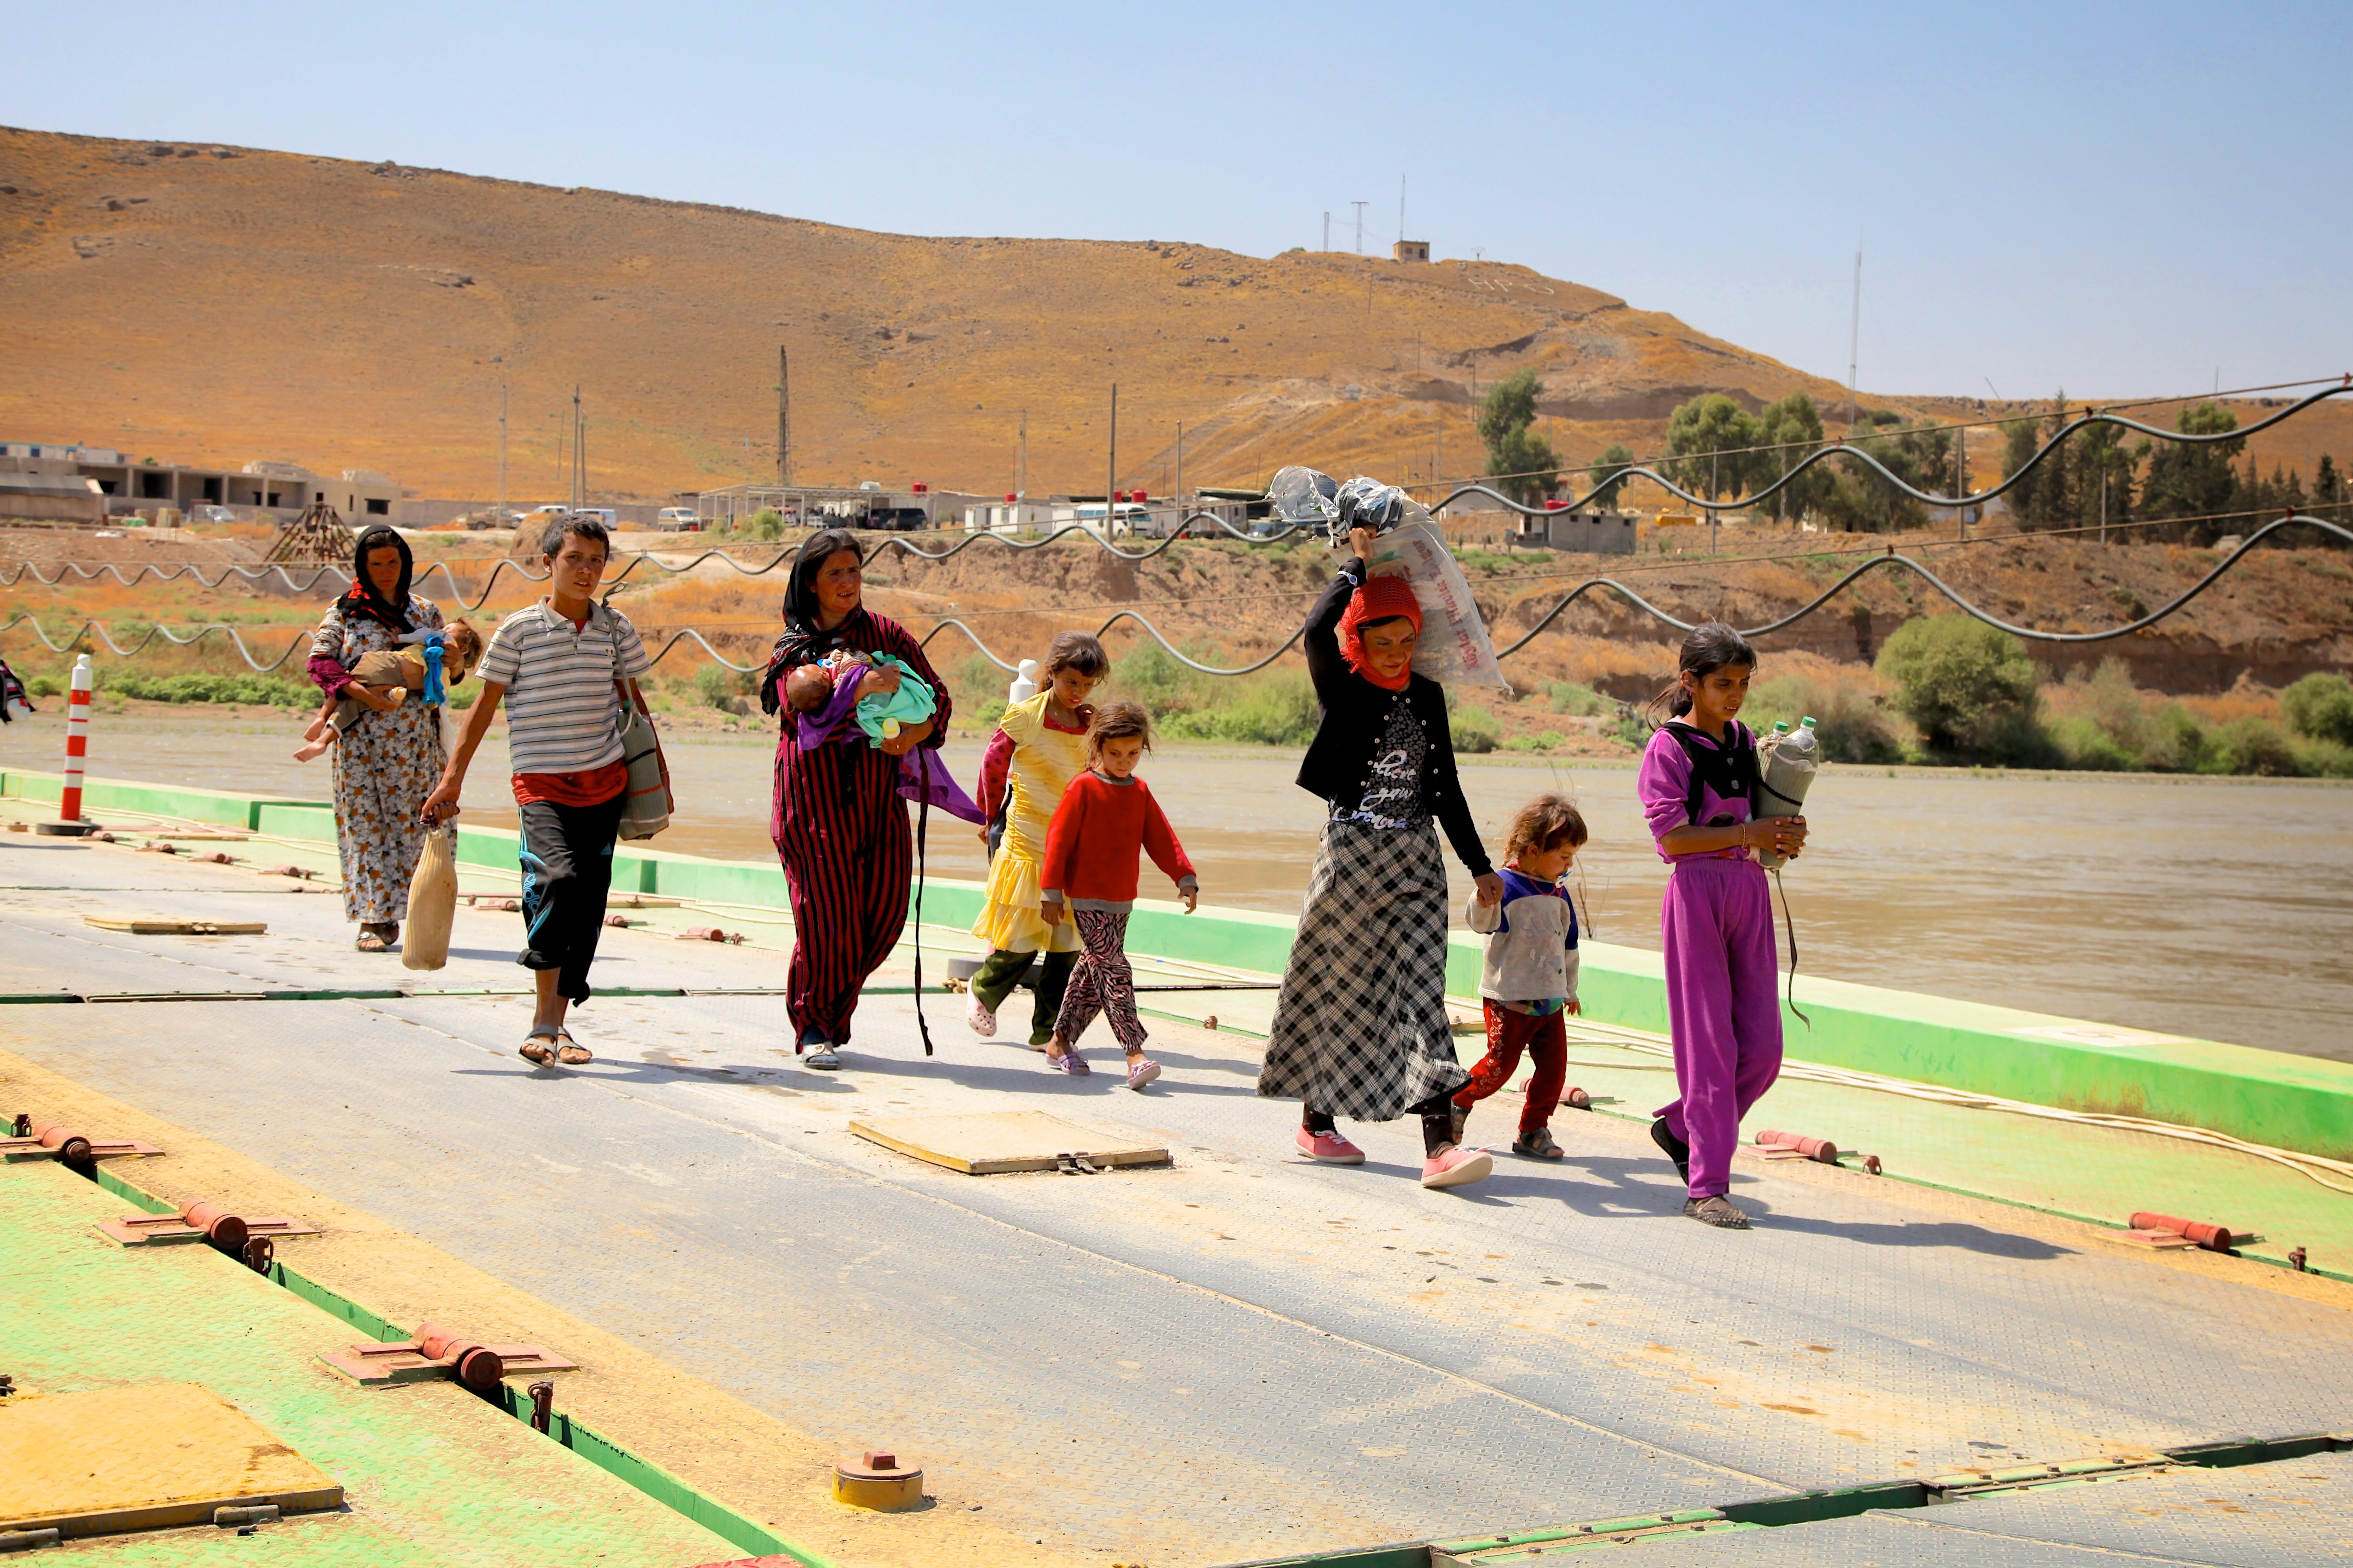 Bambini e donne yazidi fuggiti da Sinjar Mountain rientrano in Iraq dalla Siria, in un valico di frontiera a Peshkhabour, Governatorato di  Dohuk . ©UNICEF/NYHQ2014-1246/Khuzaie